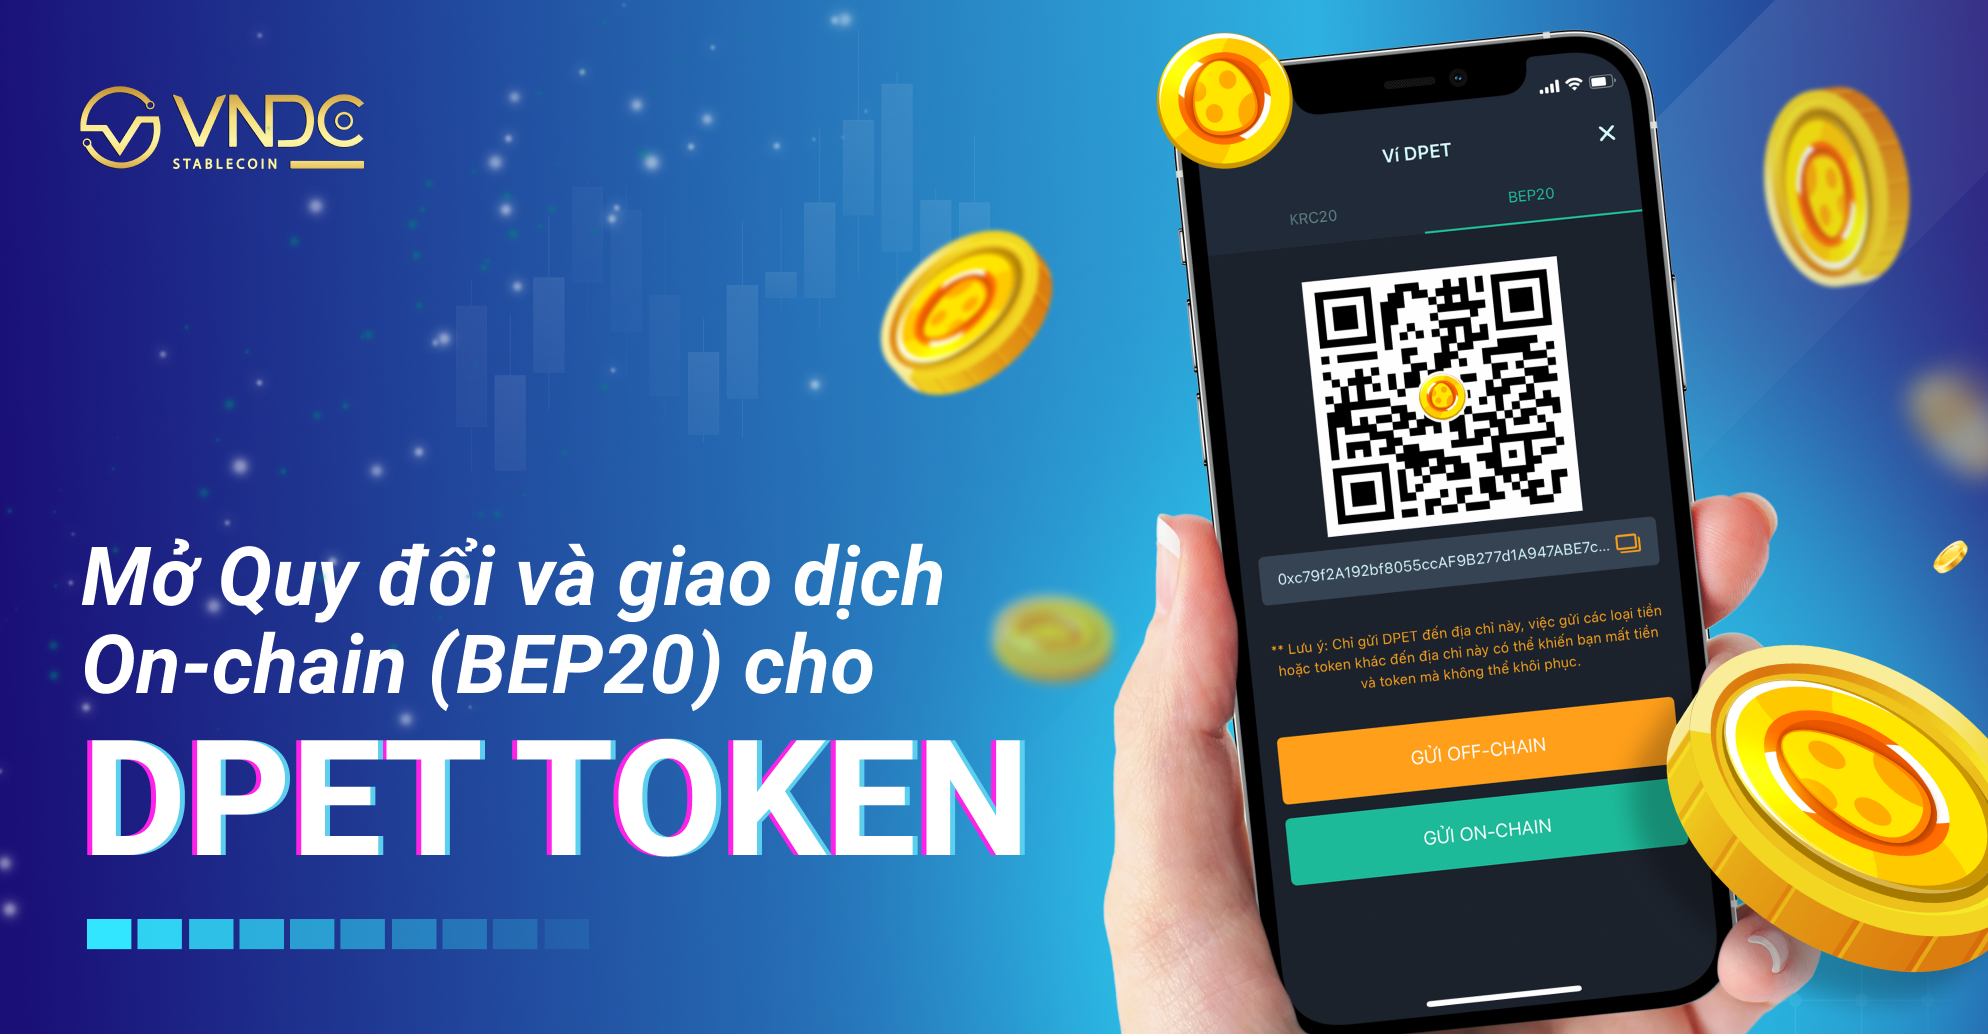 Mở Quy đổi và giao dịch On-chain (BEP20) cho DPET Token